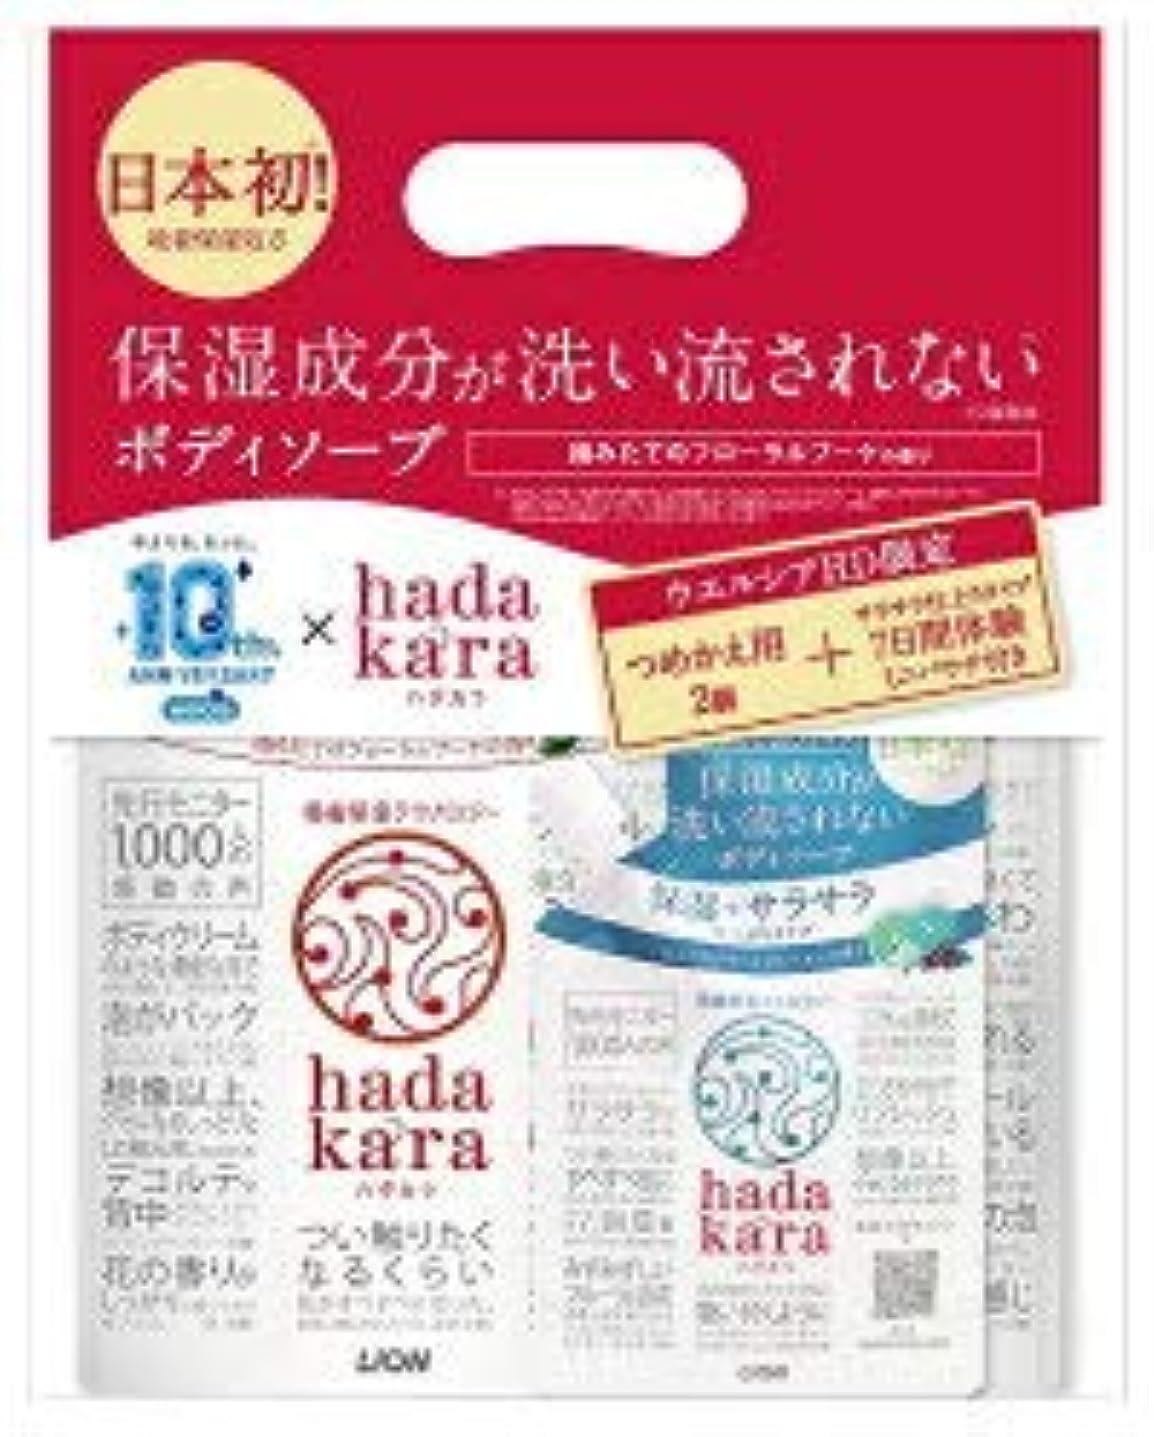 時間とともに集める分析的ライオン hadakara フローラルブーケの香り 詰替 2個パック+ミニパウチ ボディソープ 6個セット